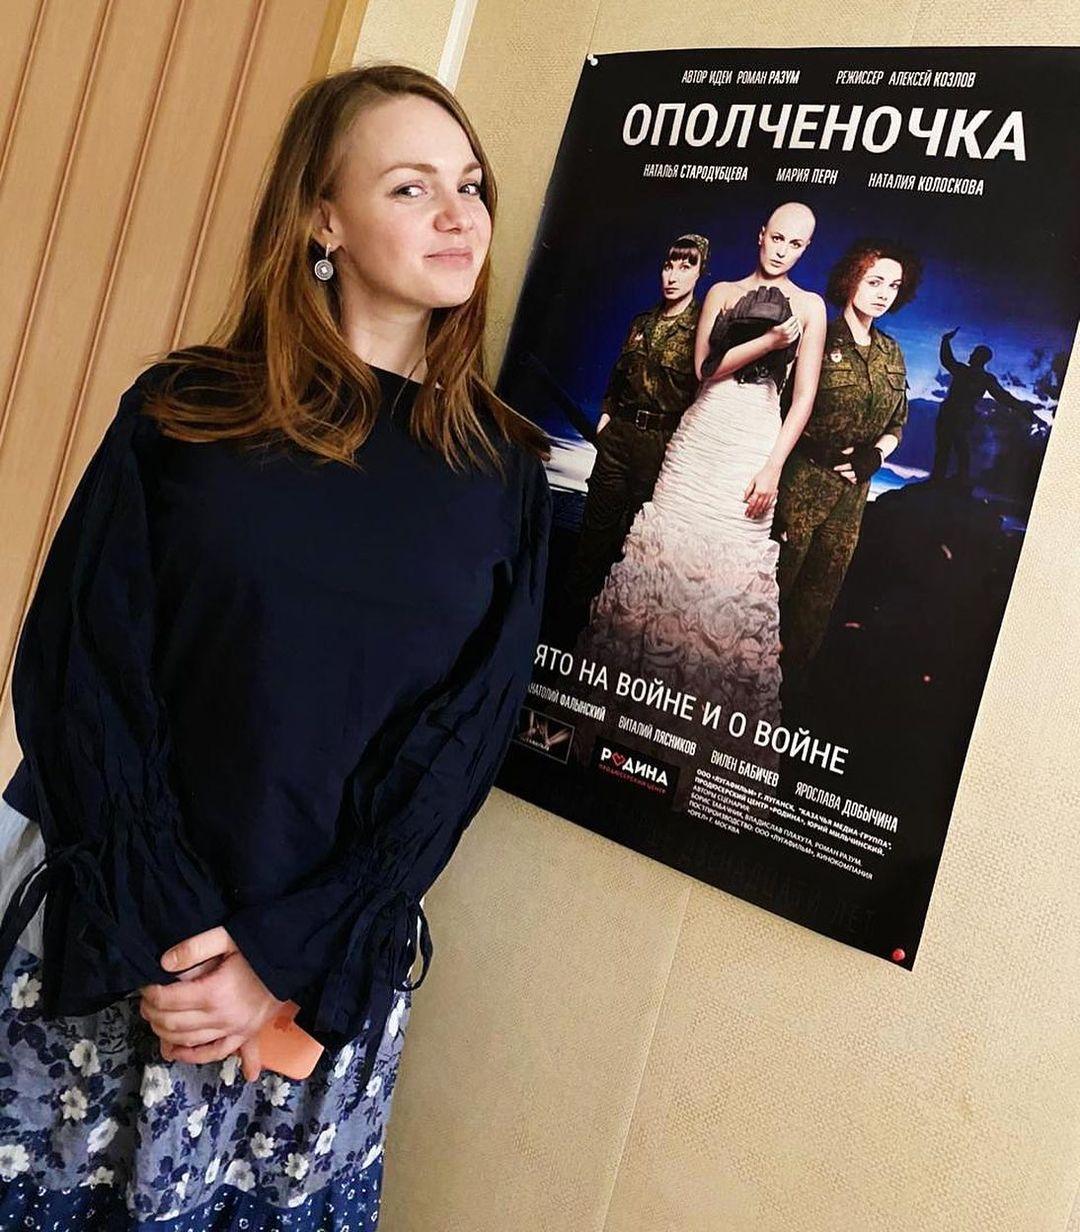 Кинотеатры Москвы отказались демонстрировать фильм «Ополченочка» о боевиках Донбасса